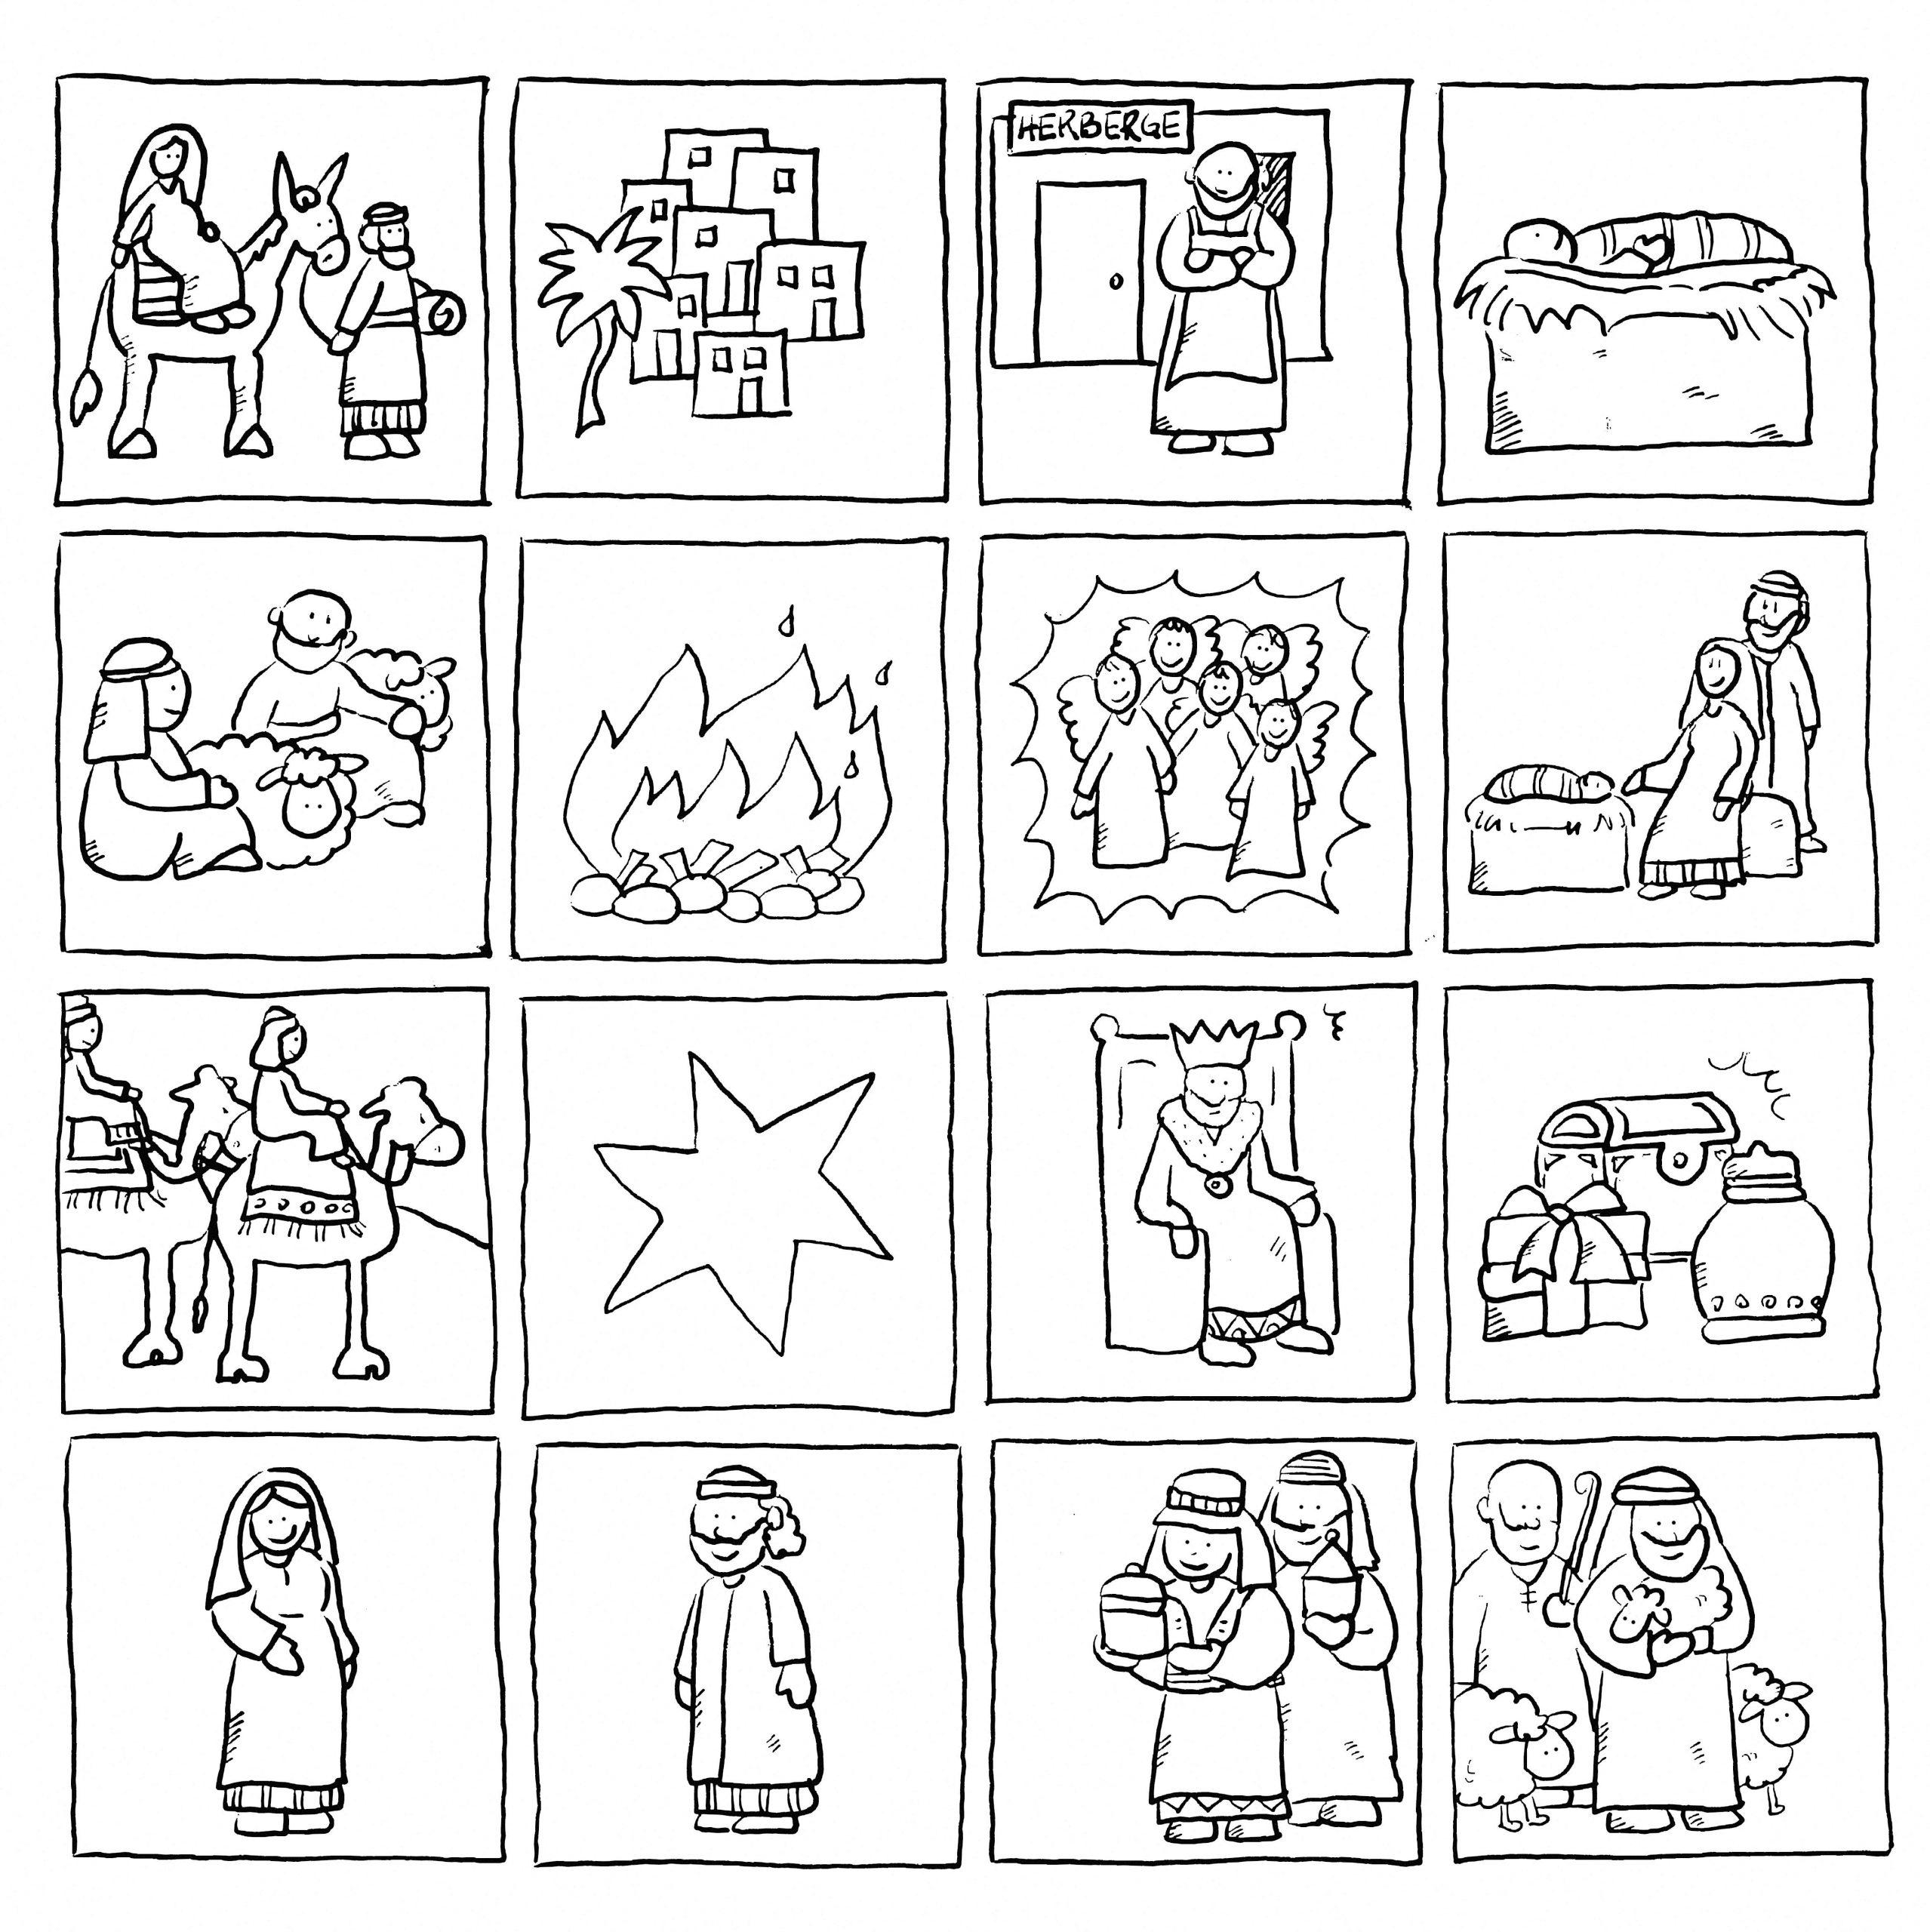 Weihnachtsmemory, Ausmalen, Zweimal Auf Festes Papier in Weihnachtsgeschichte Bibel Für Kindergartenkinder